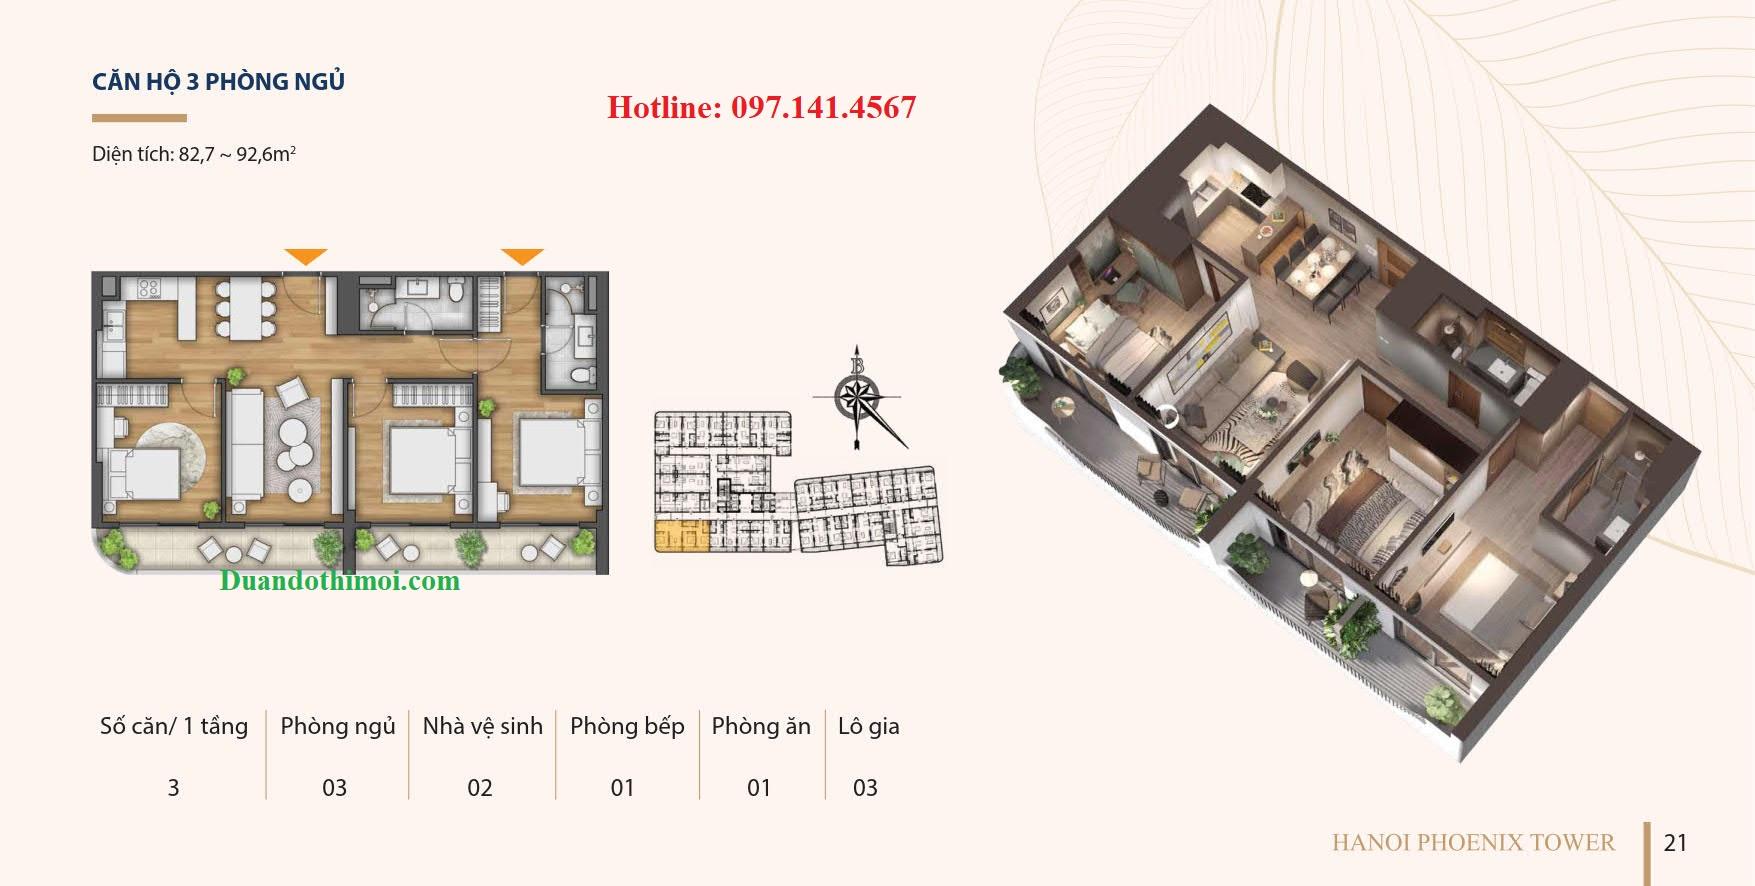 Căn hộ 3 phòng ngủ dự án Hà Nội Phoenix Tower